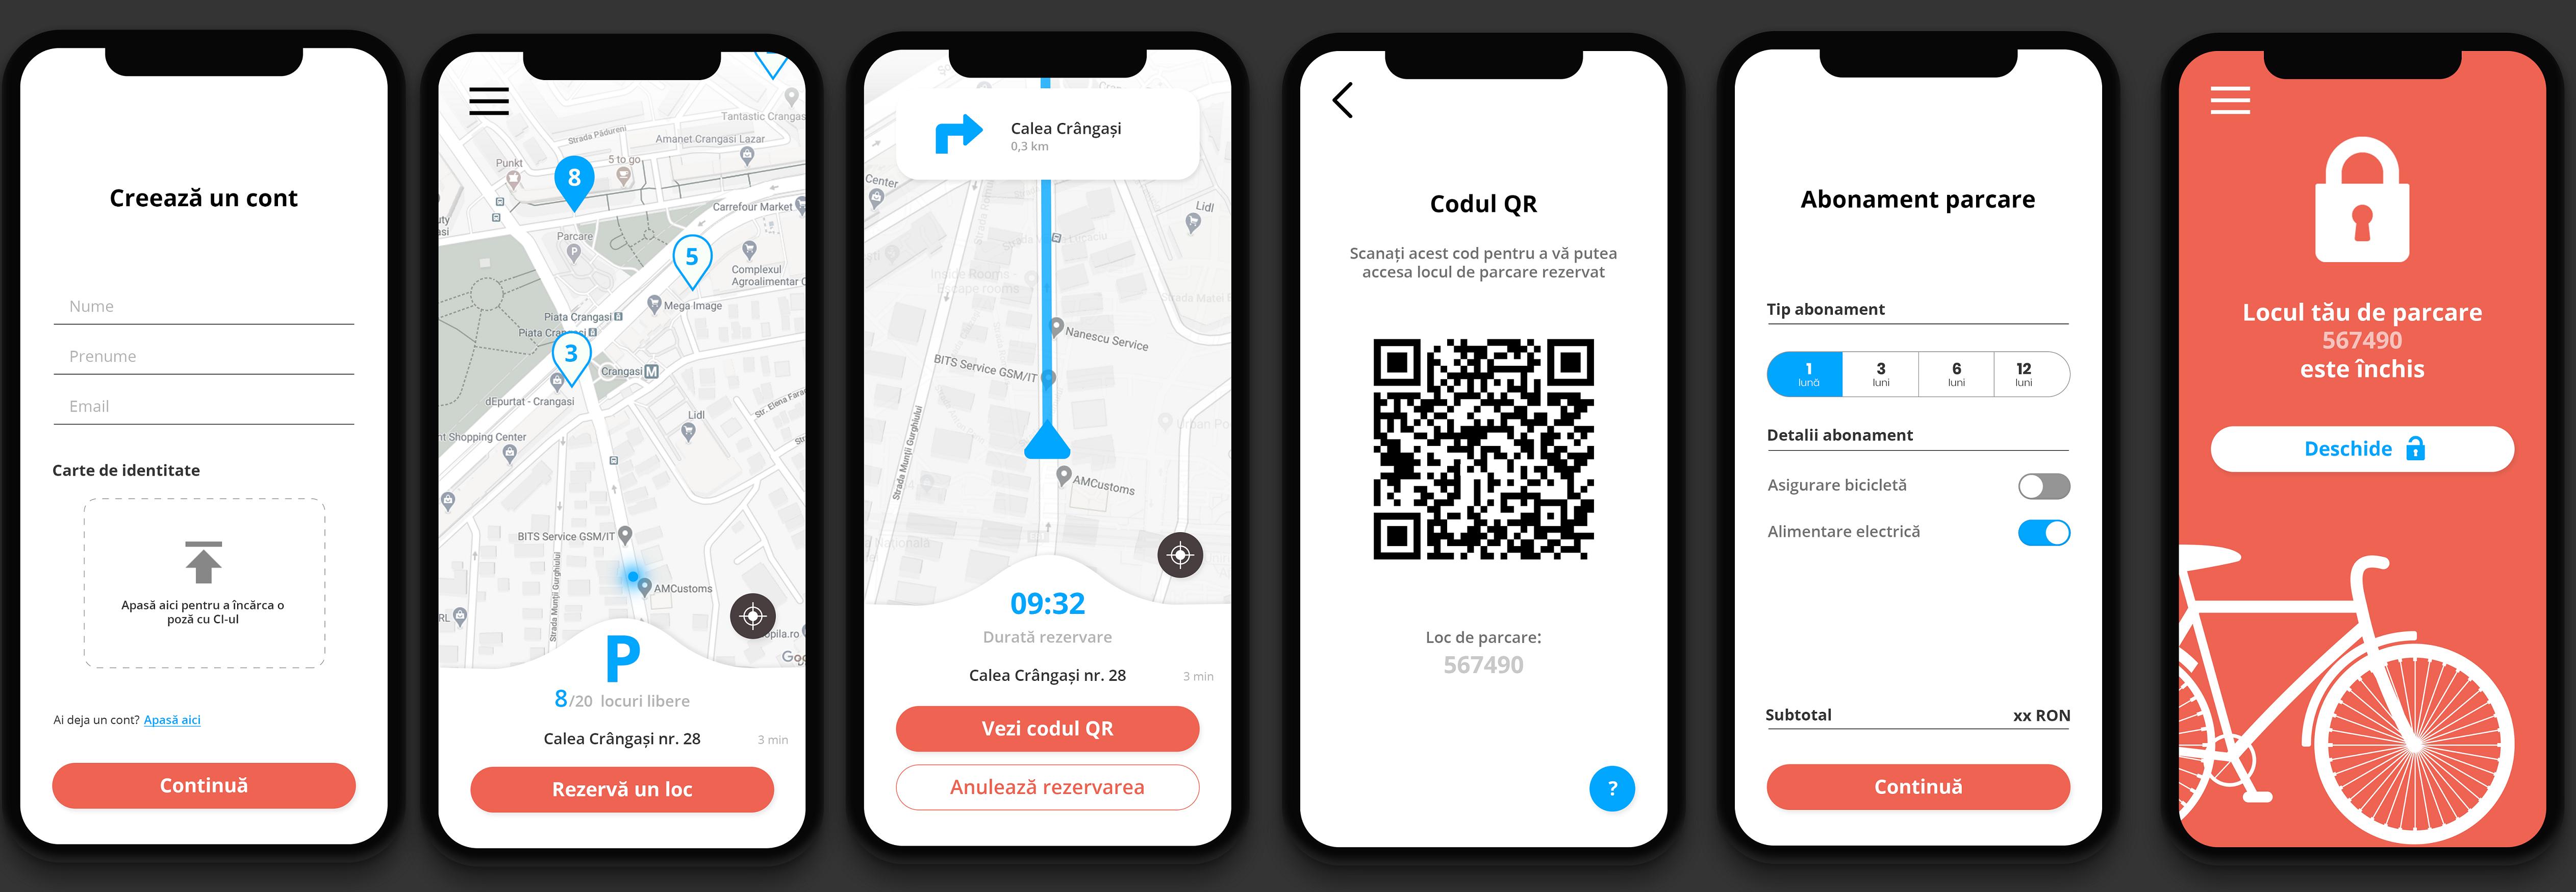 Ecrane aplicatie mobile parcari securizate rezidentiale pentru biciclete